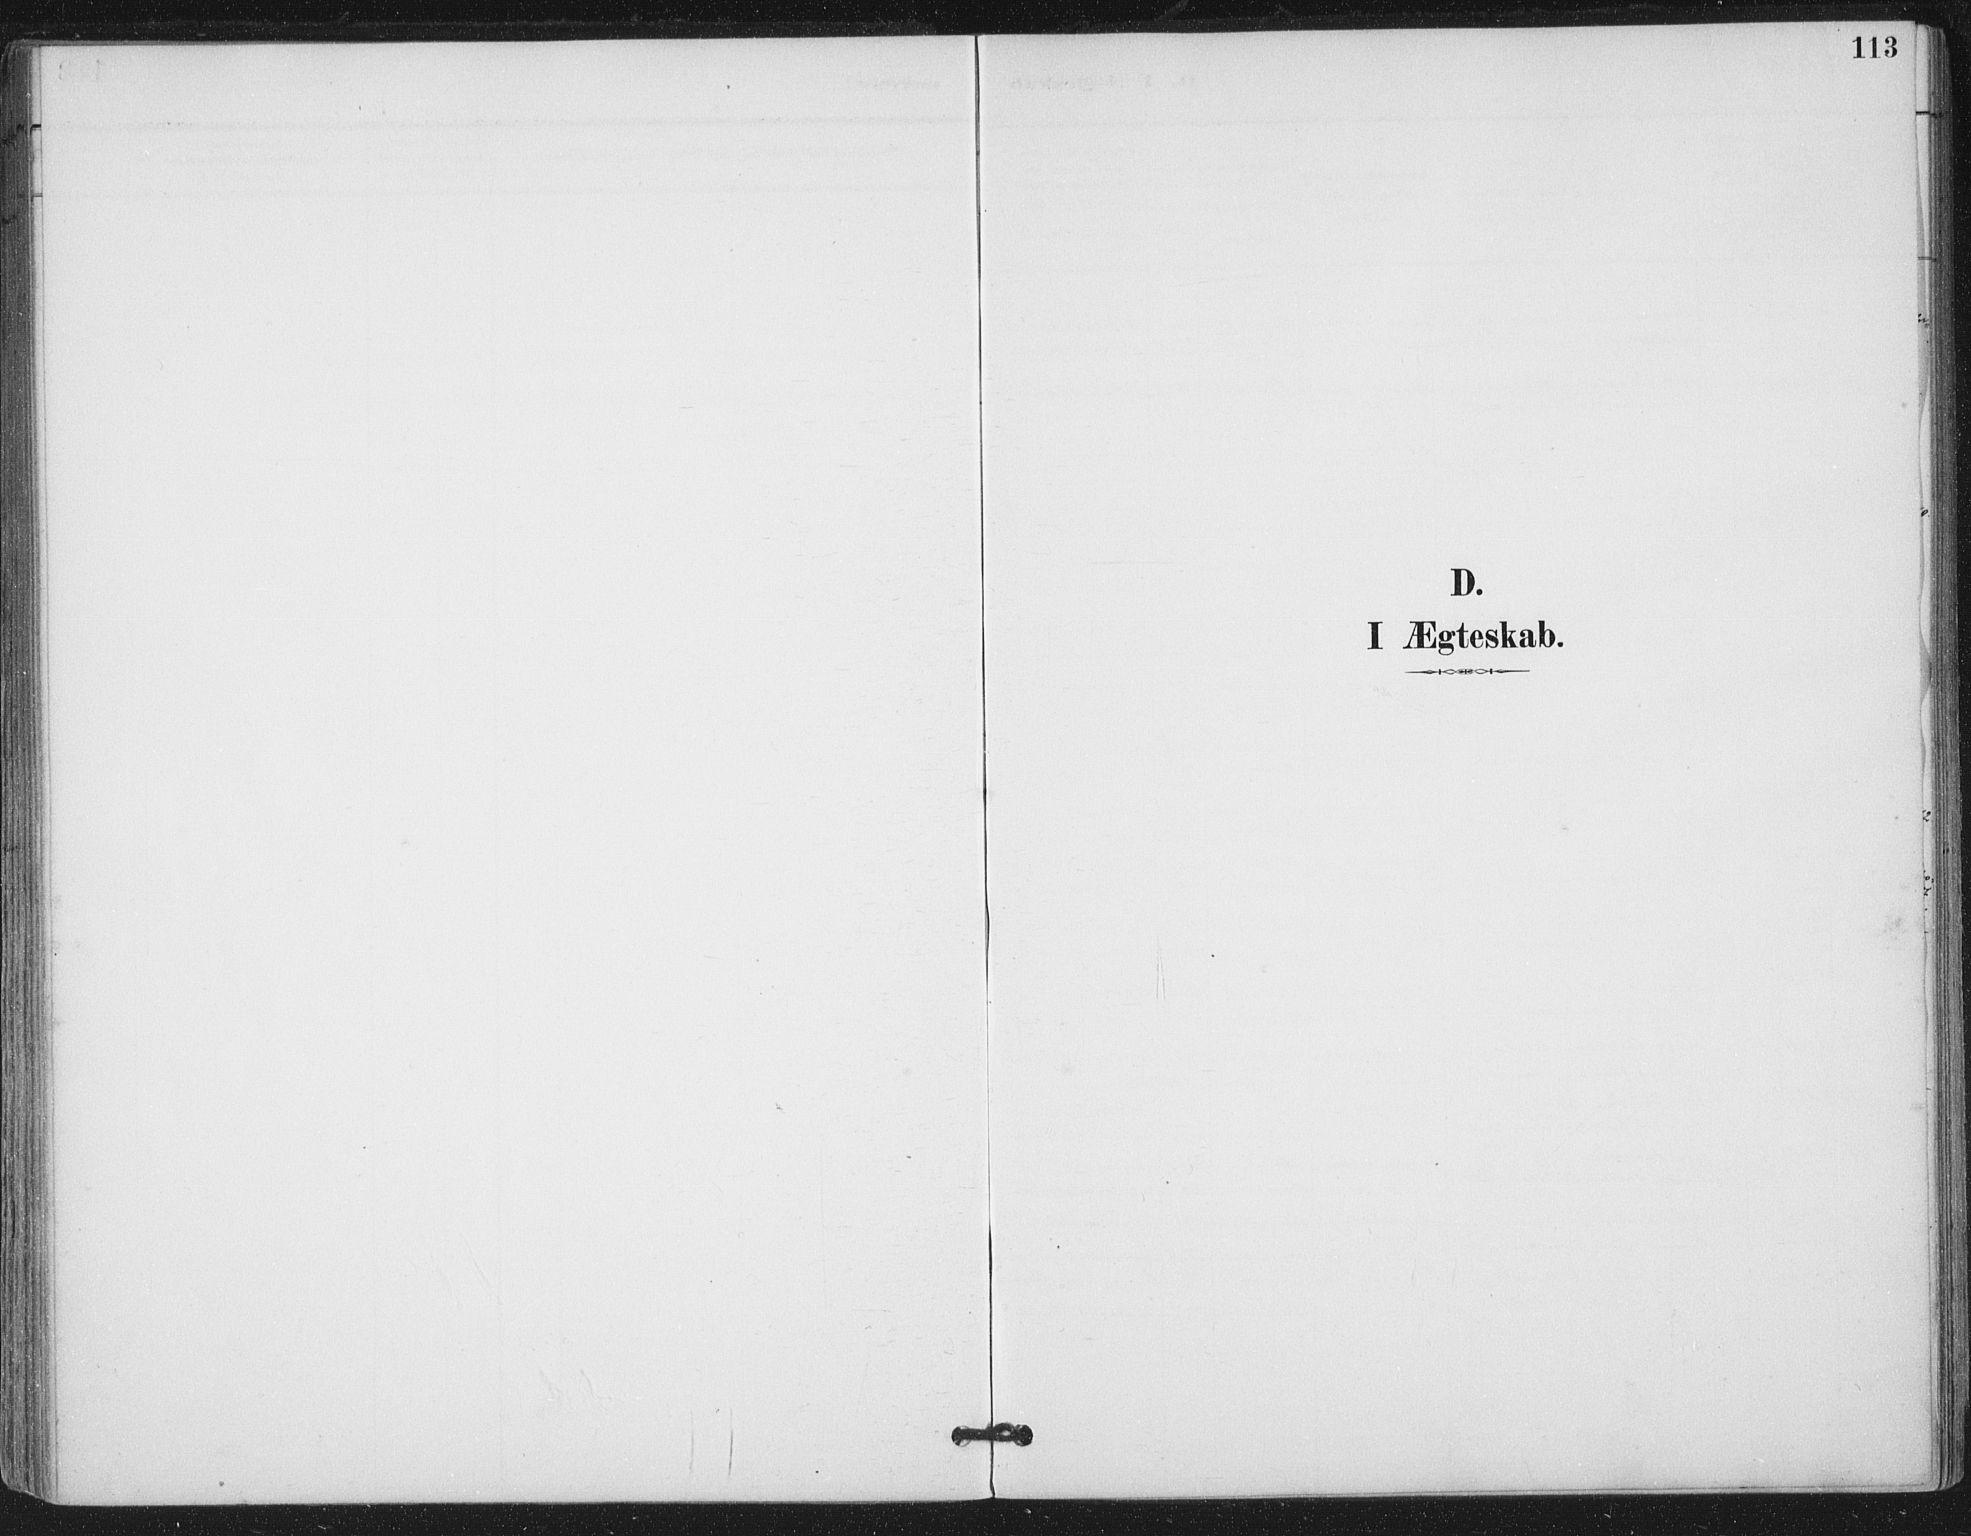 SAT, Ministerialprotokoller, klokkerbøker og fødselsregistre - Nord-Trøndelag, 780/L0644: Ministerialbok nr. 780A08, 1886-1903, s. 113